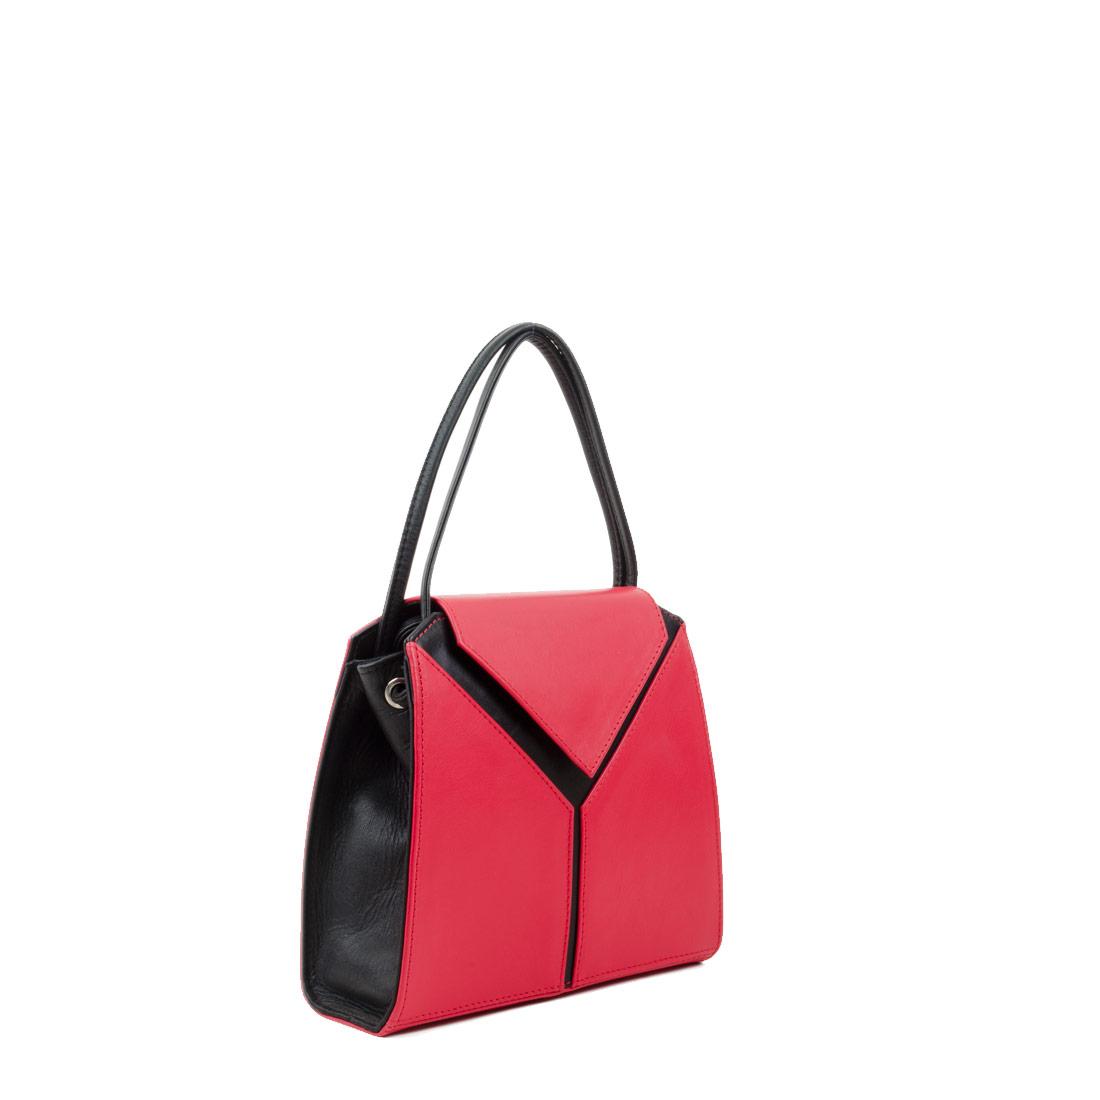 Yasmin Coral Red Black Leather Evening Shoulder Bag